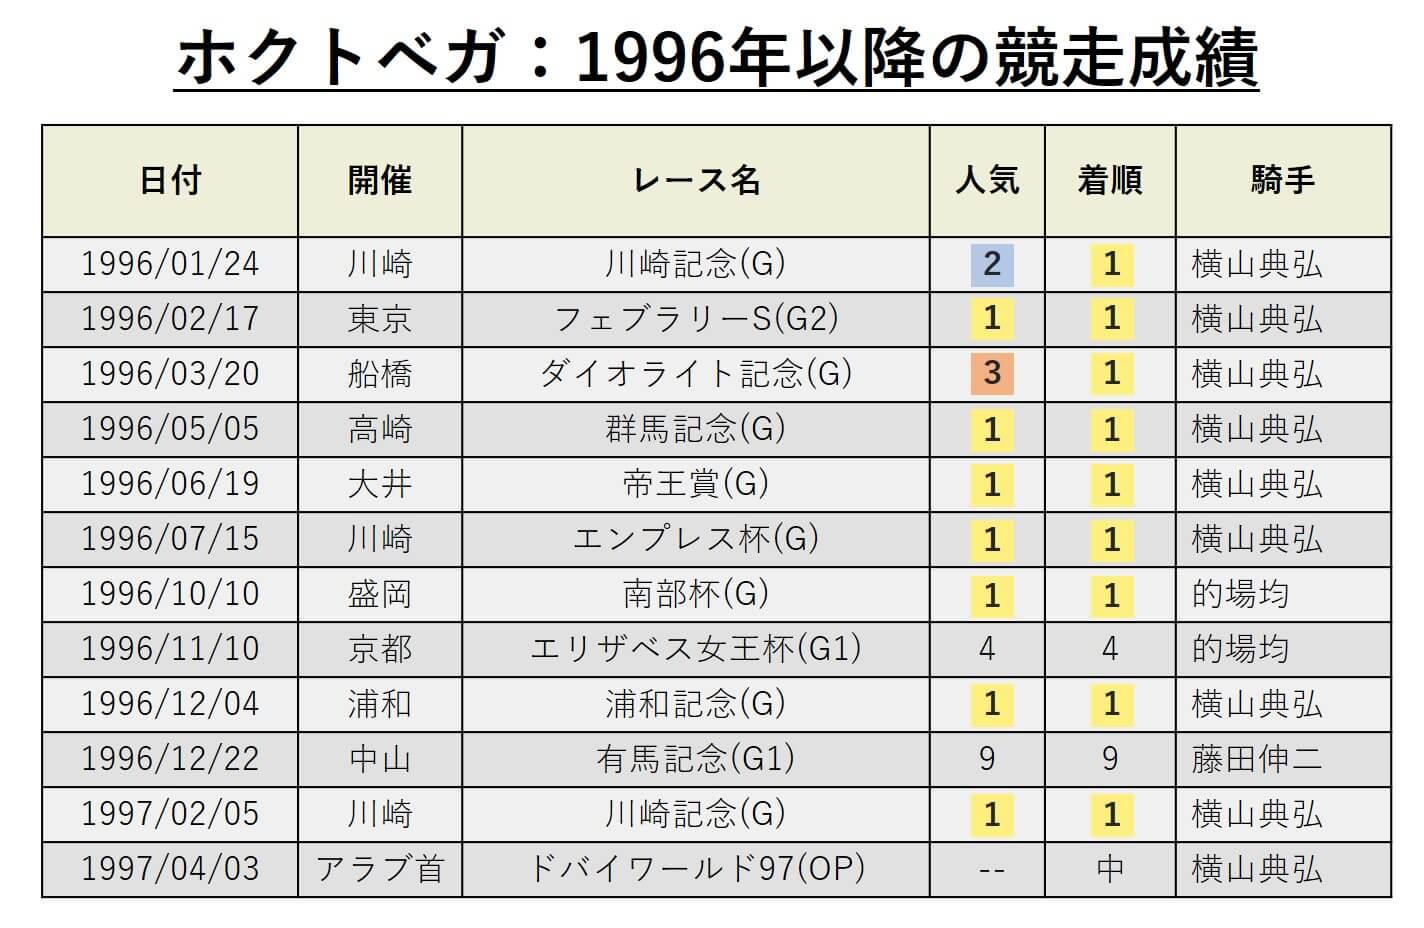 ホクトベガ:1996年以降の競走成績